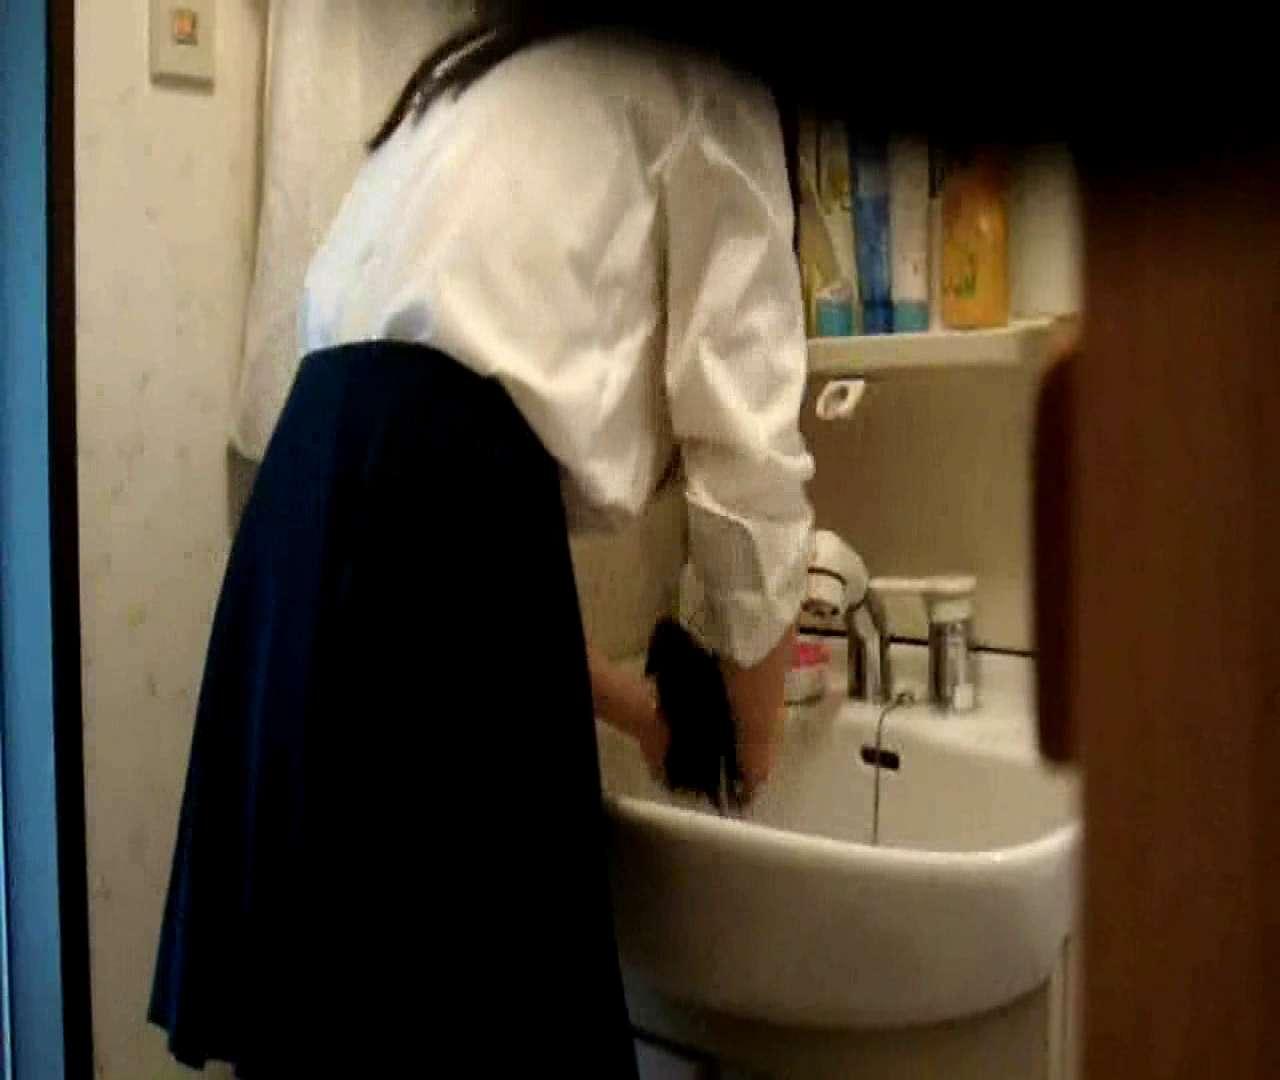 二人とも育てた甲斐がありました… vol.05 まどかが洗顔後にブラを洗濯 盗撮シリーズ | おまんこ見放題  79PIX 67